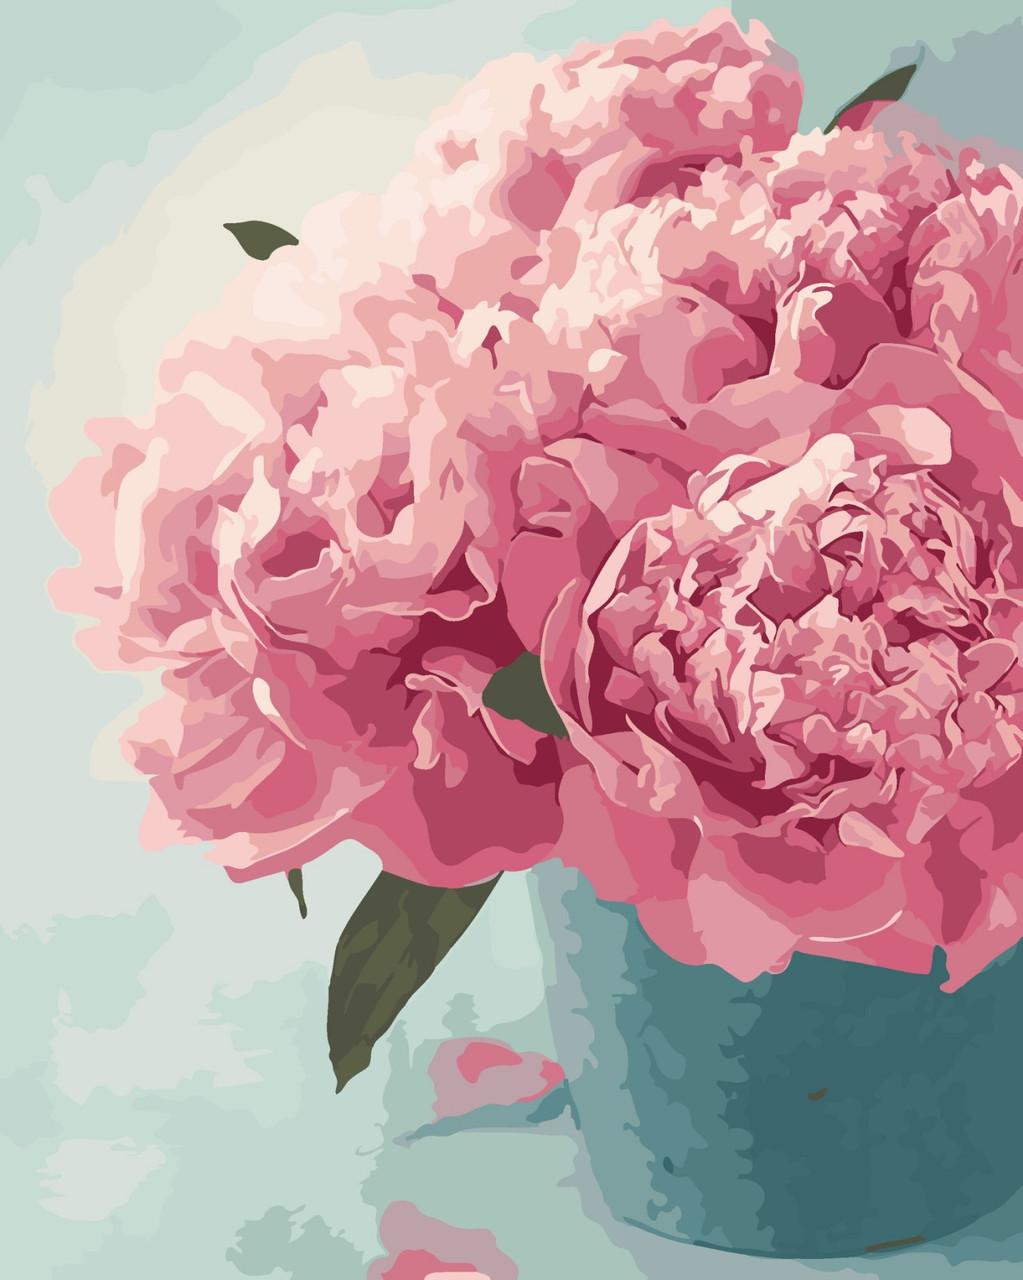 """Картина по номерам """"Розовые пионы"""" 40*50 см в коробке, ArtStory + акриловый лак"""